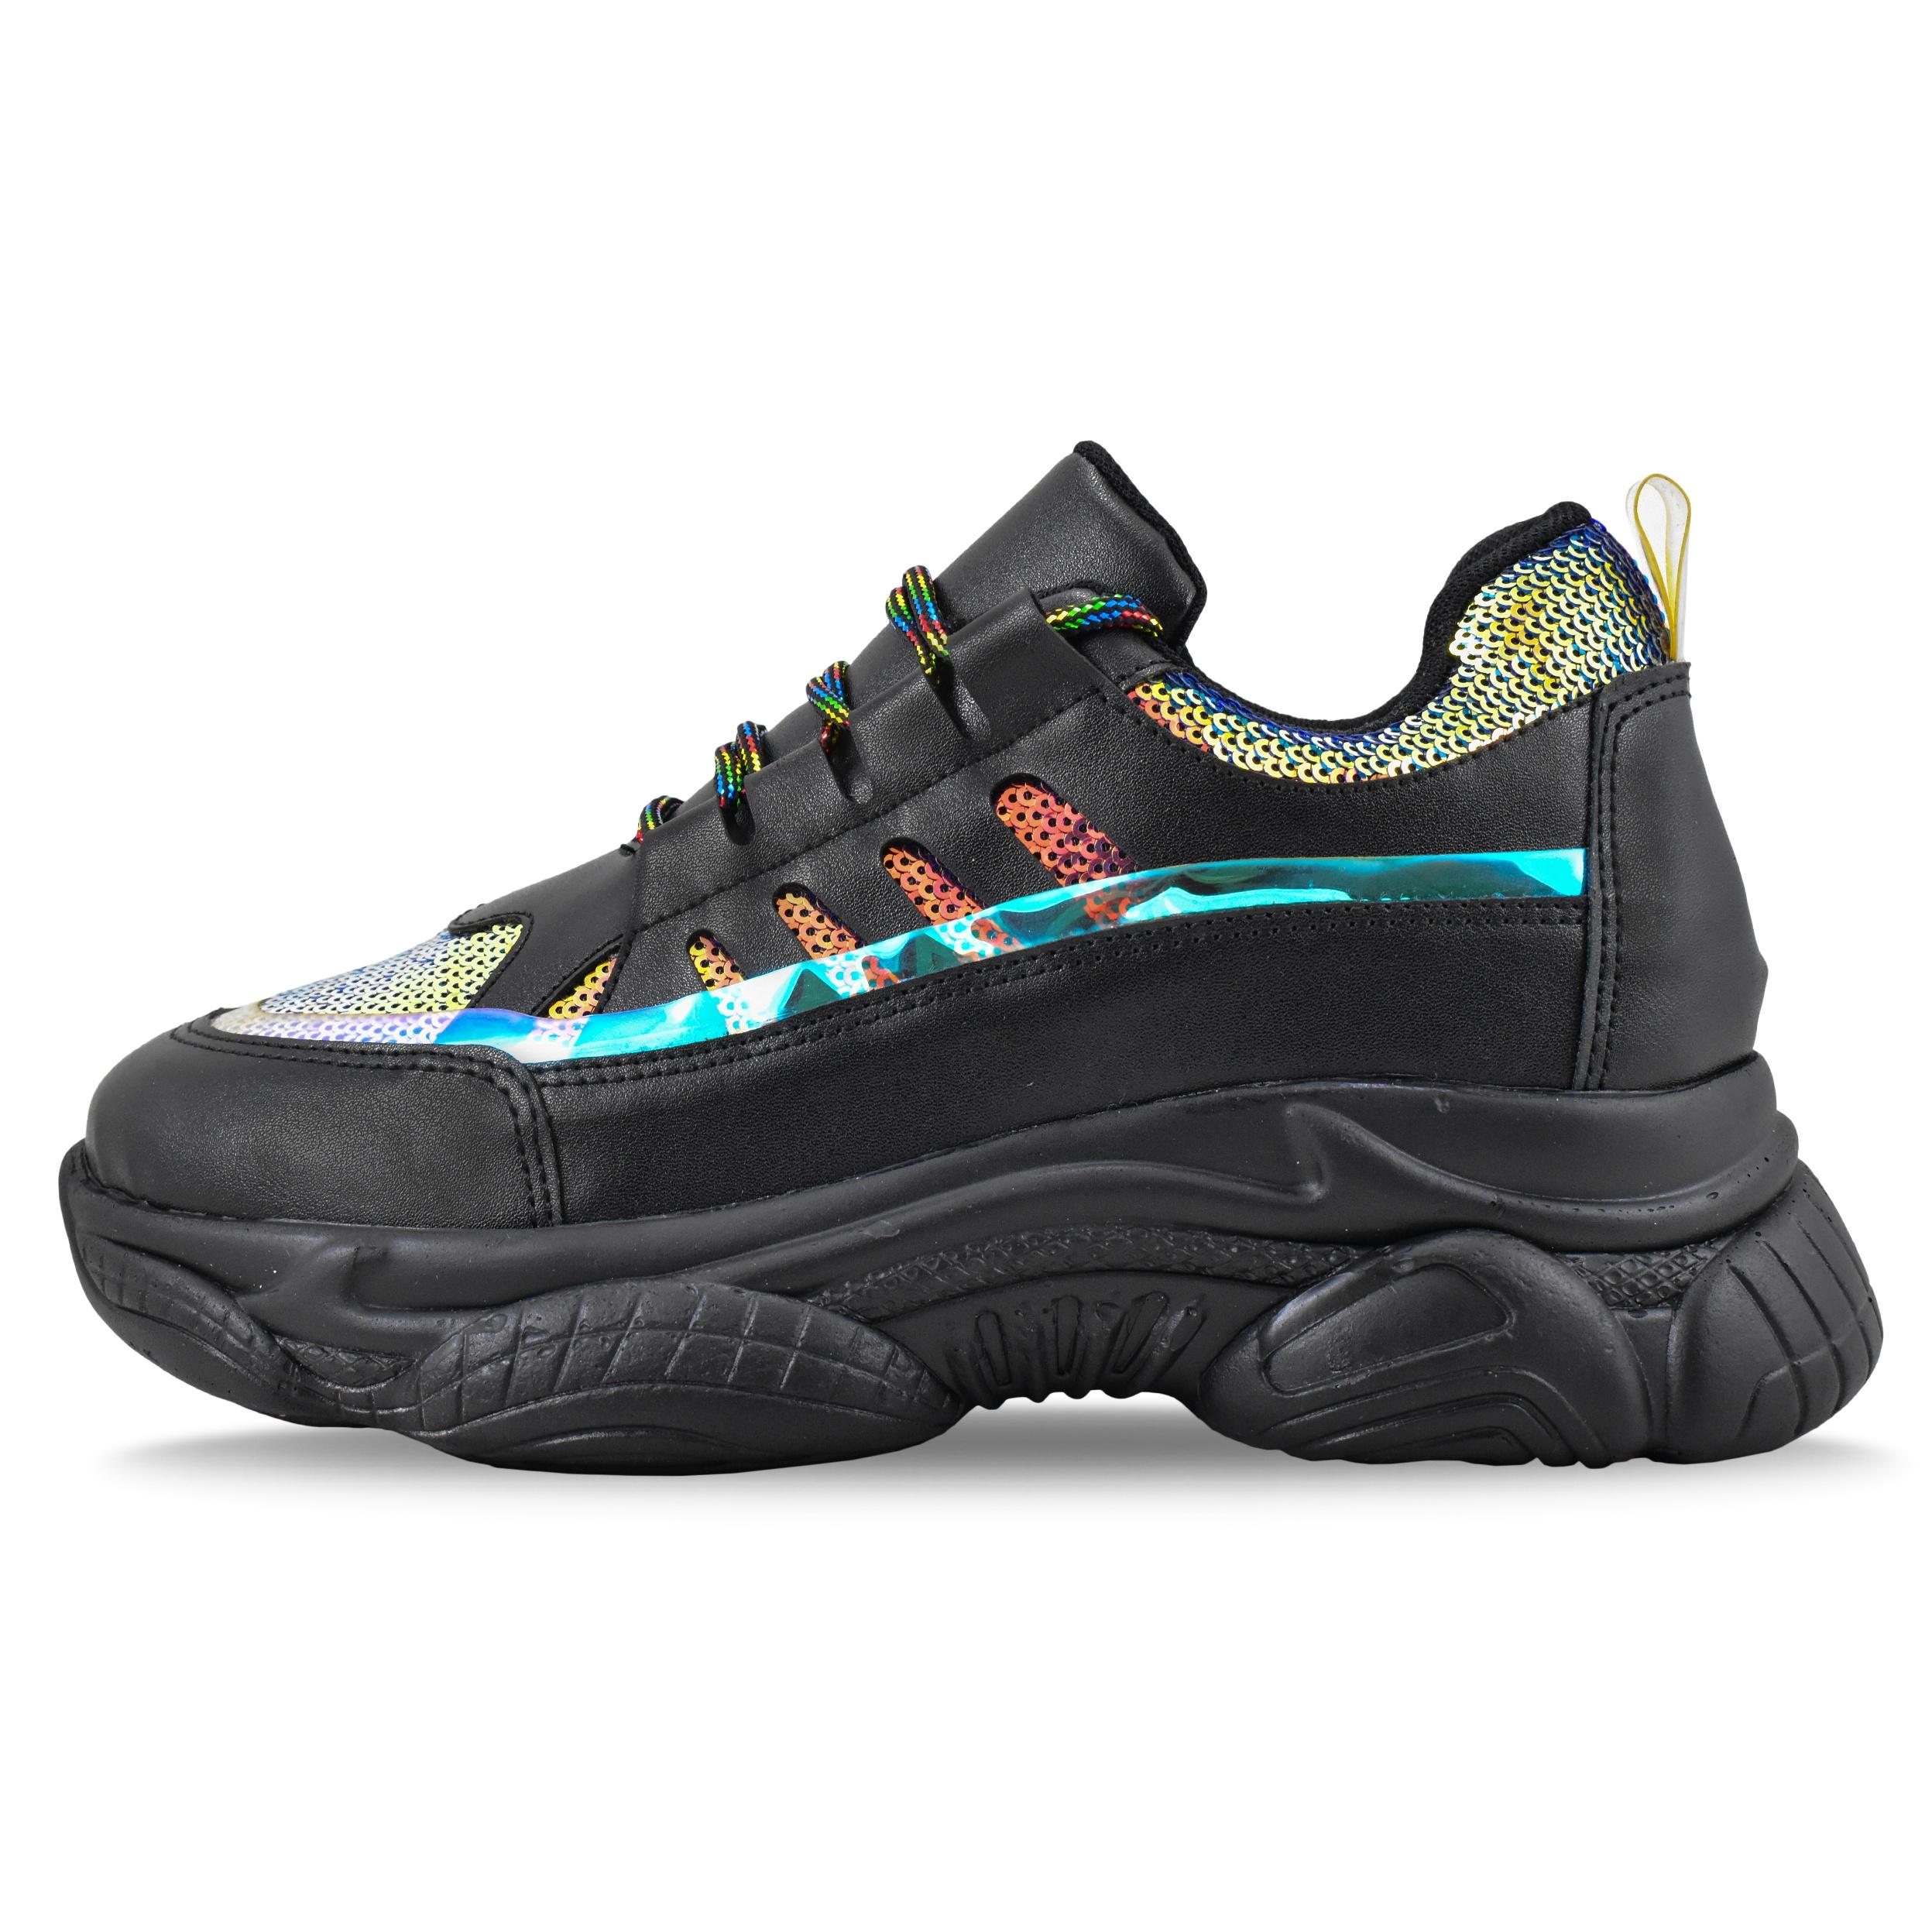 کفش مخصوص پیاده روی زنانه مدل رنگین کمان کد 4481